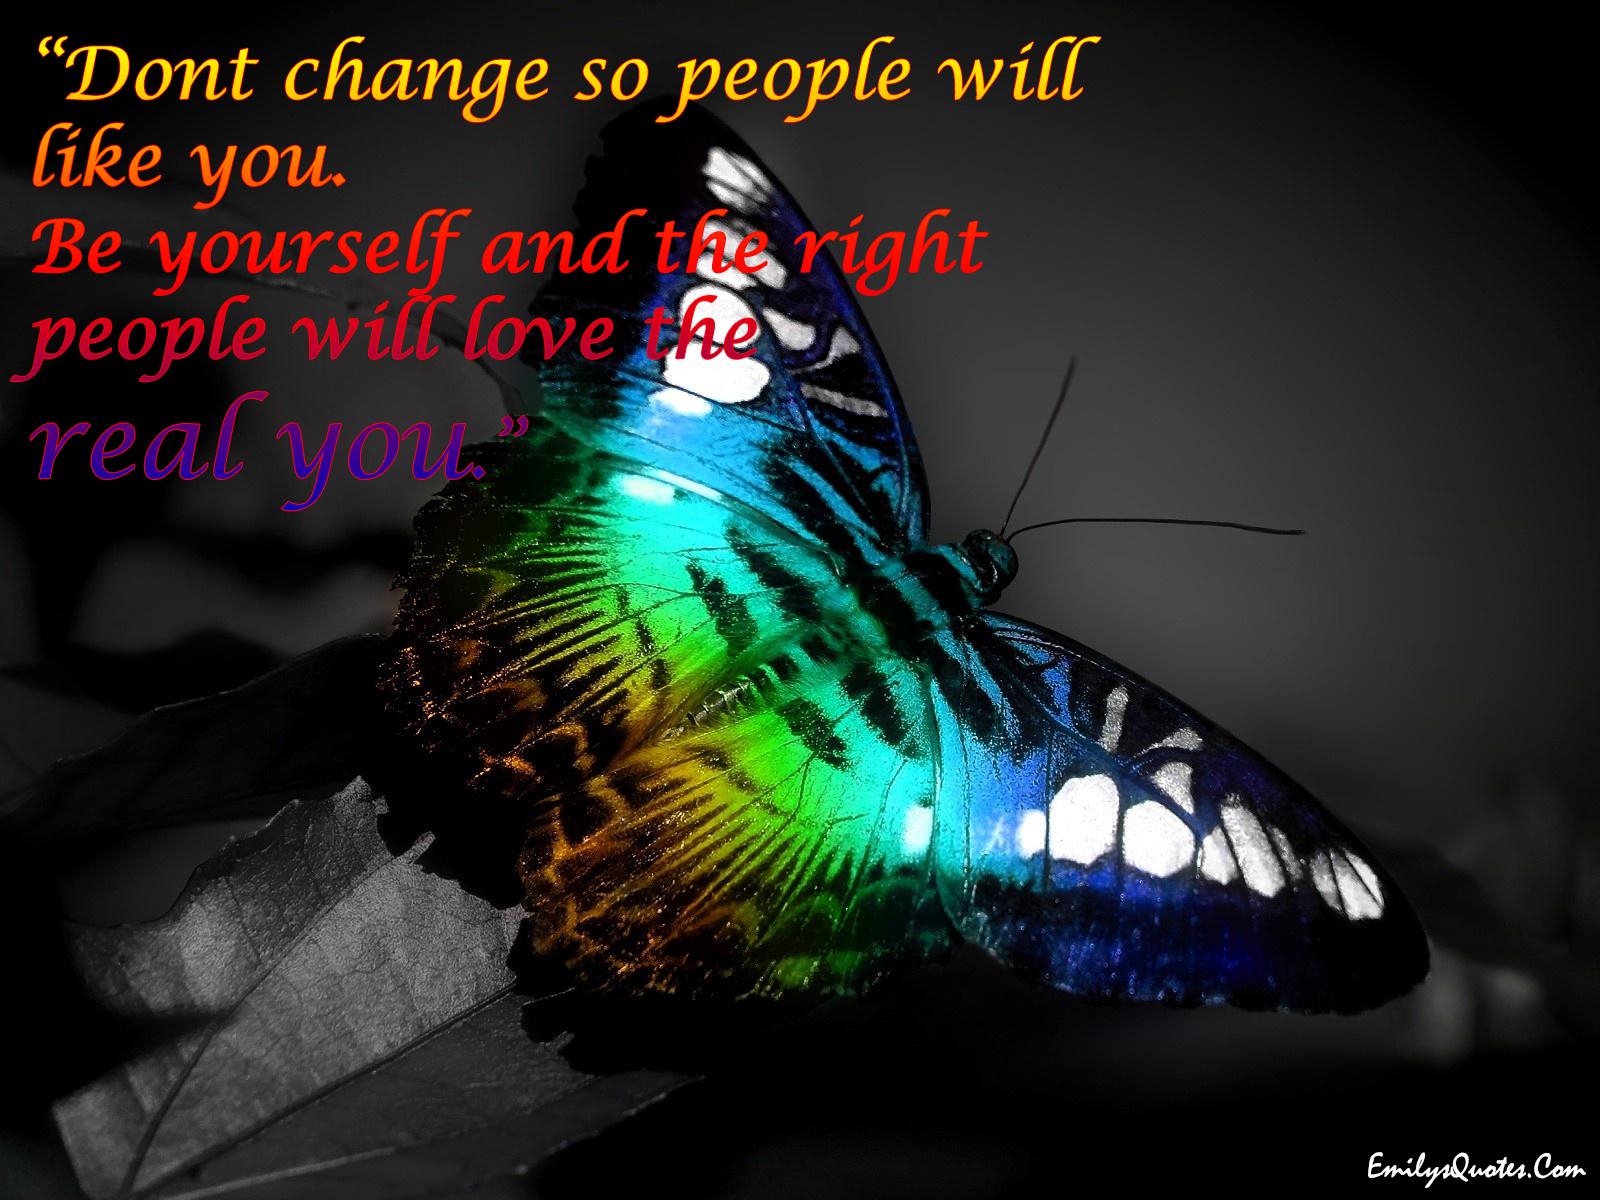 EmilysQuotes.Com - change, true, be yourself